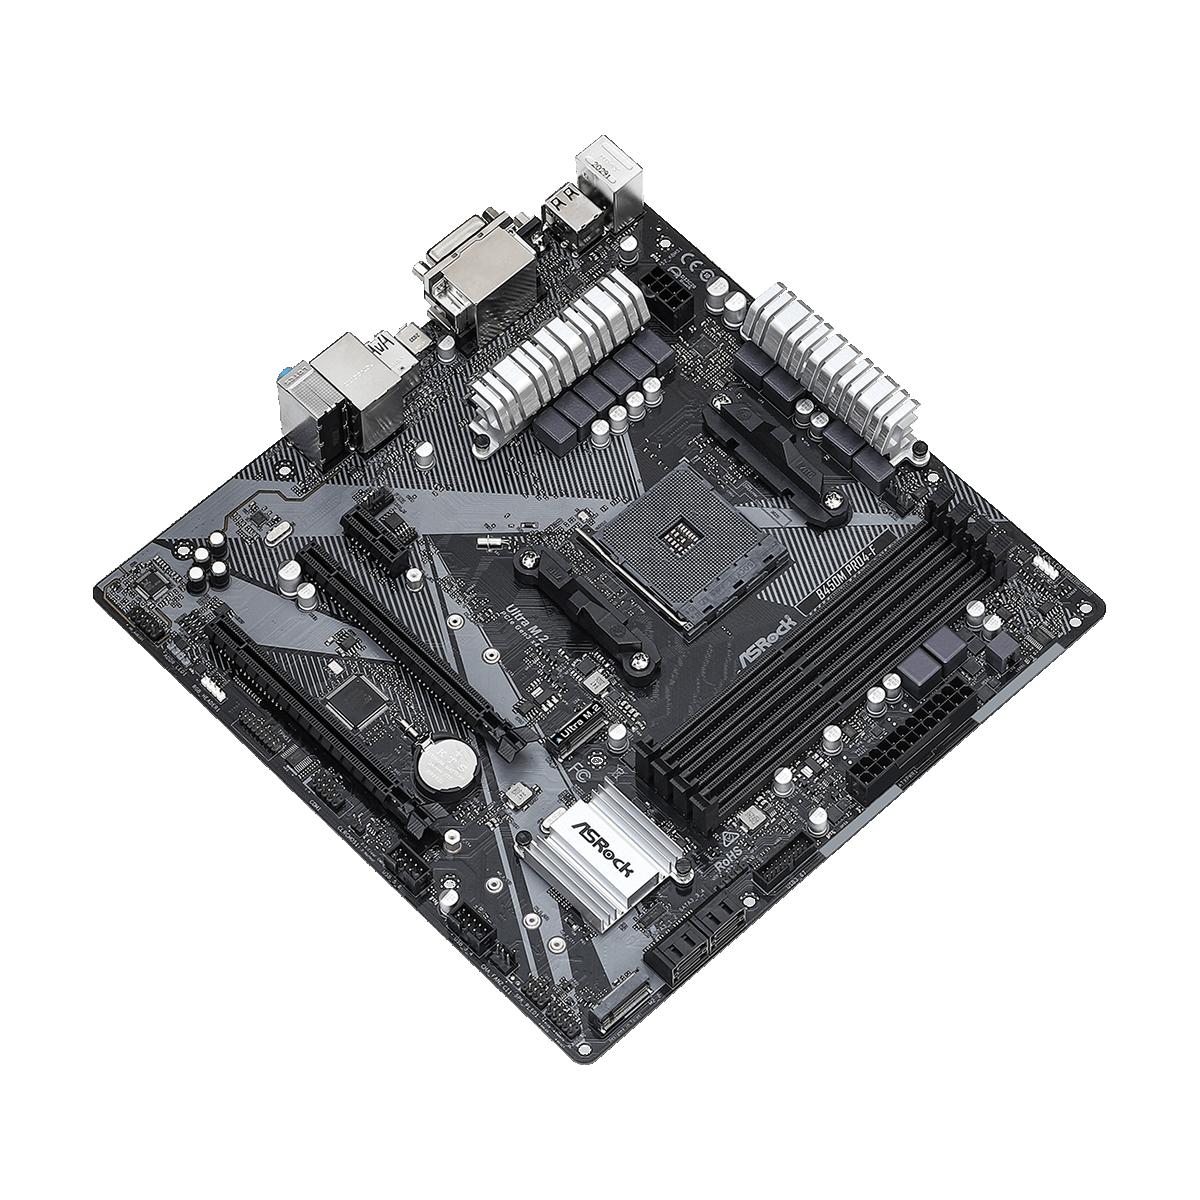 Placa Mãe ASRock B450M PRO4F R2.0, Chipset B450, AMD AM4, mATX, DDR4